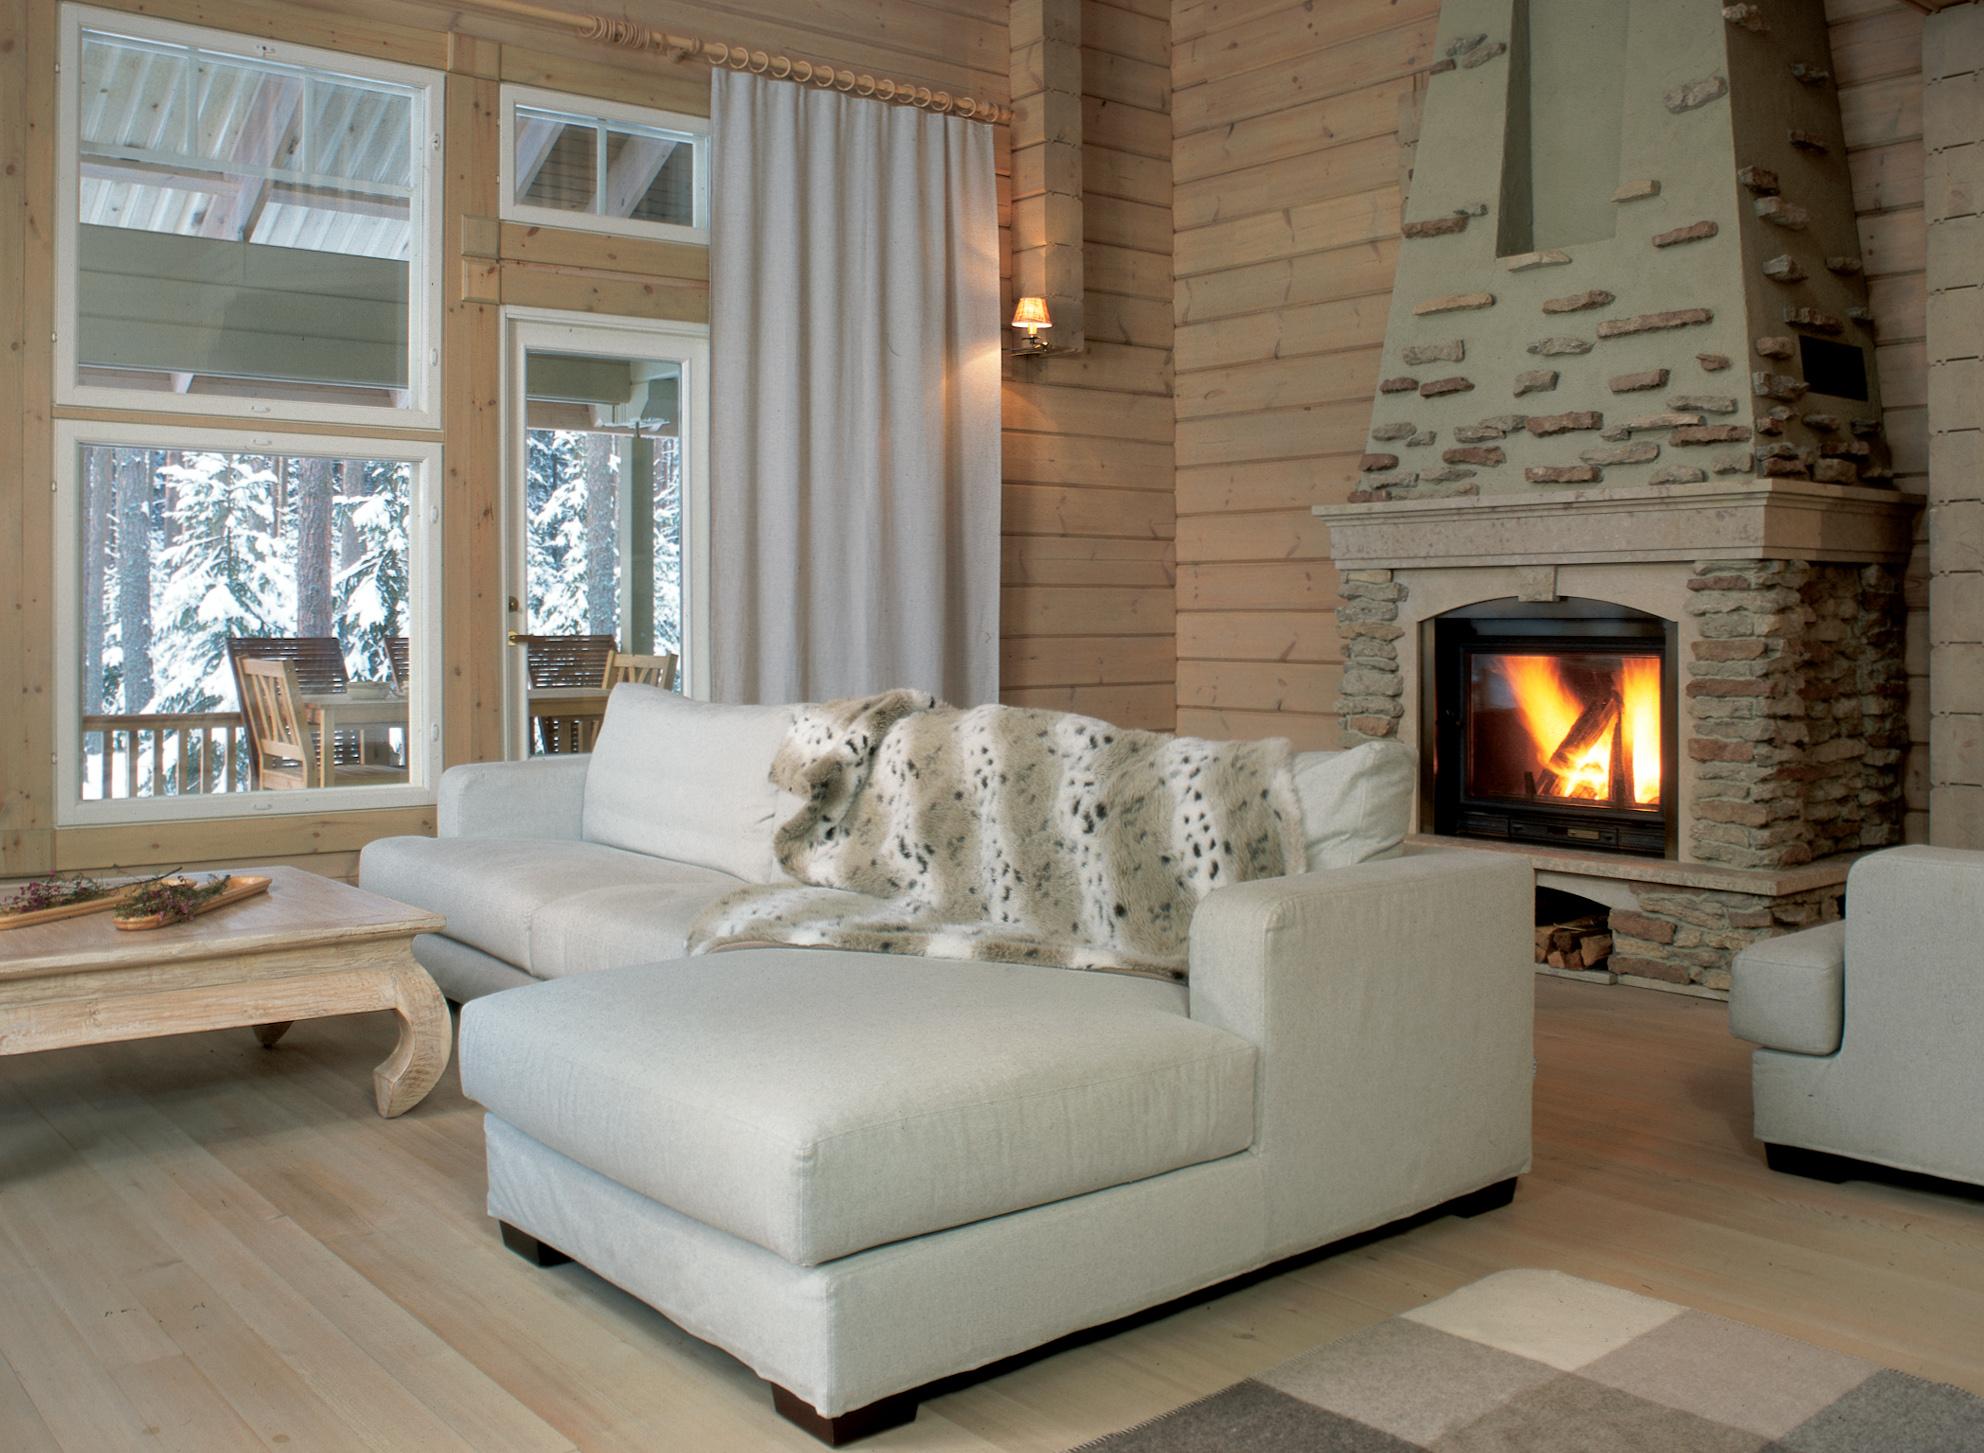 A l 39 interieur d 39 une maison en bois finlandaise moderne de haut gamme par rovaniemi maisons en - Interieur d une maison ...